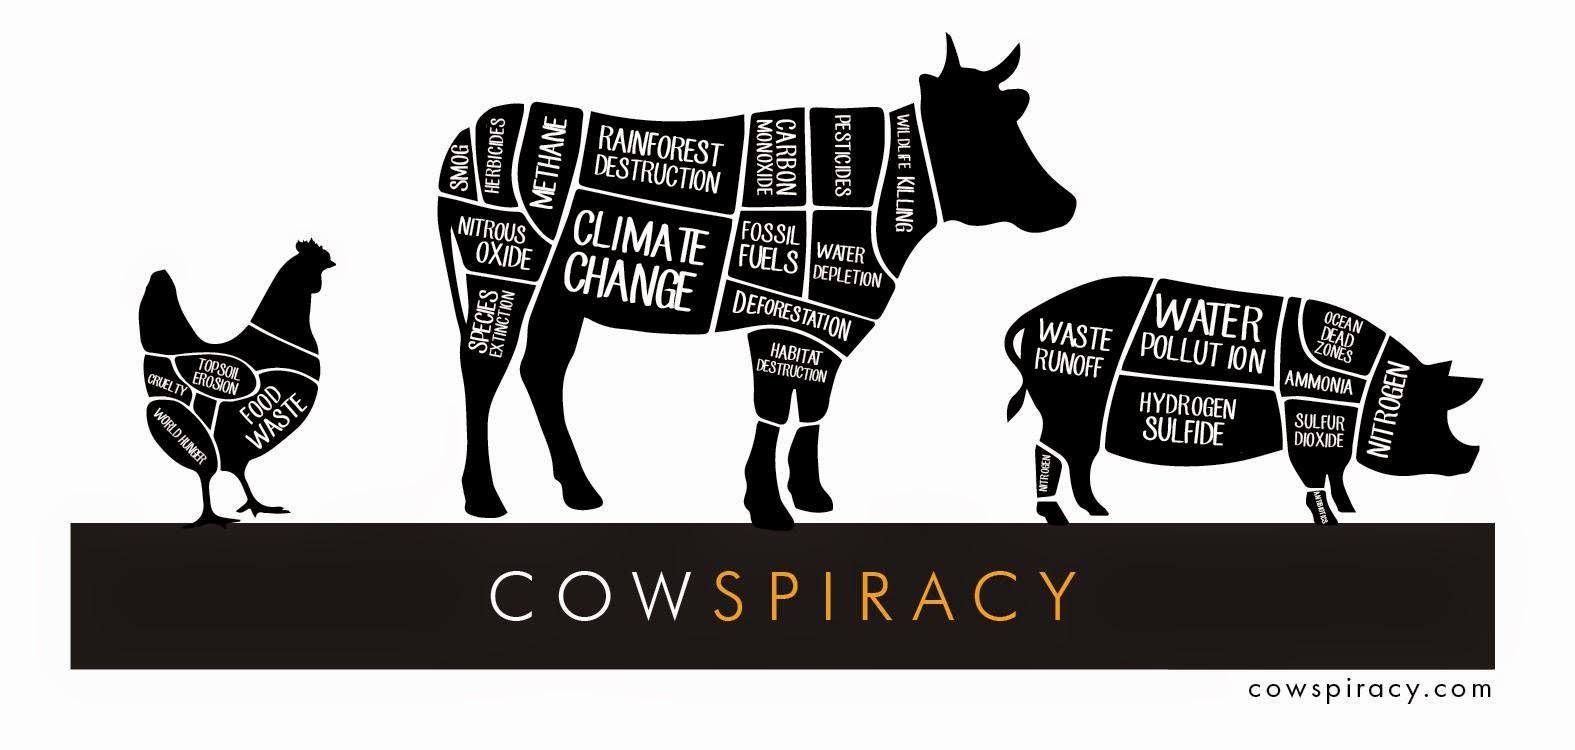 www.cowspiracy.com